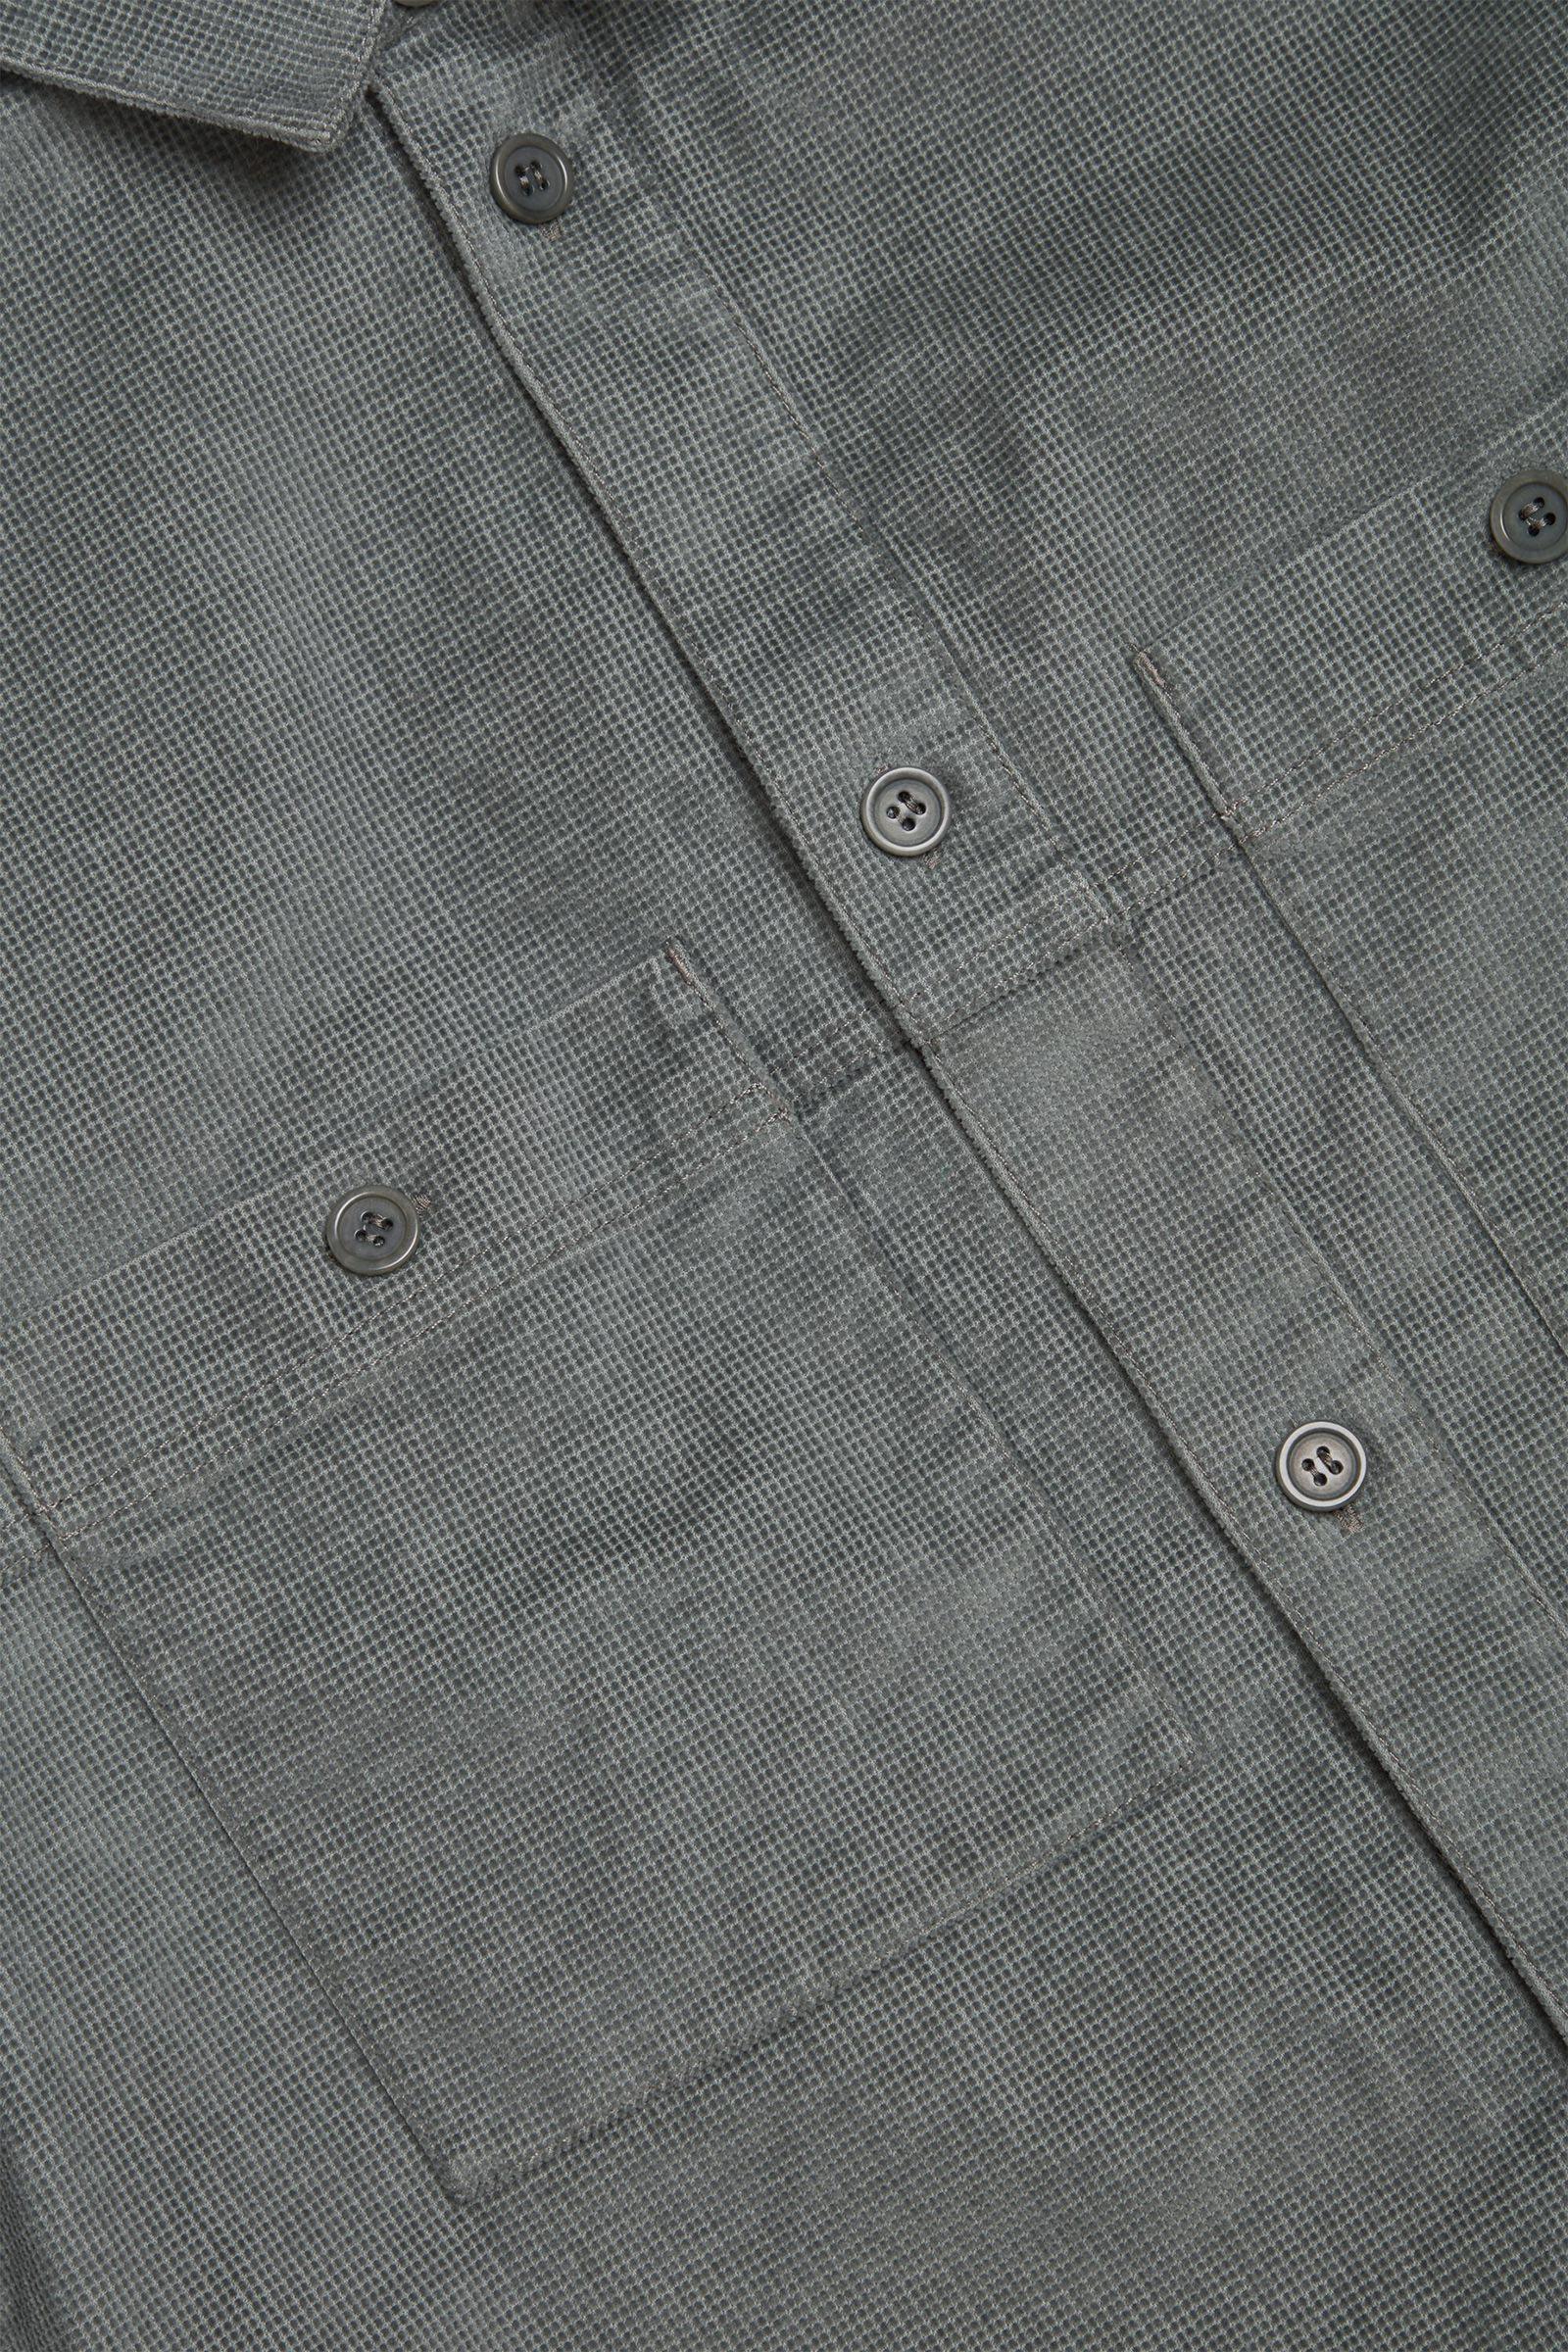 COS 오가닉 코튼 유틸리티 셔츠의 그린컬러 Detail입니다.